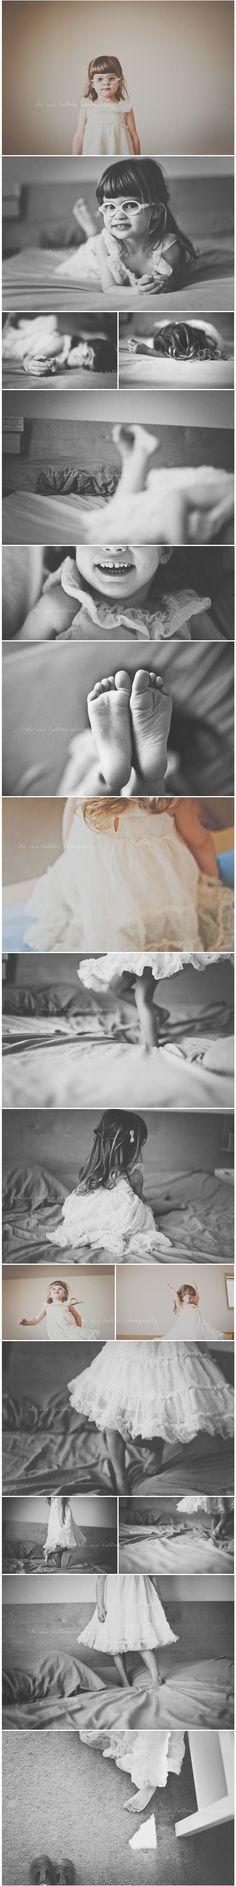 i love these!! @Valeria Cervantes Cervantes Spring you inspire me always ♥